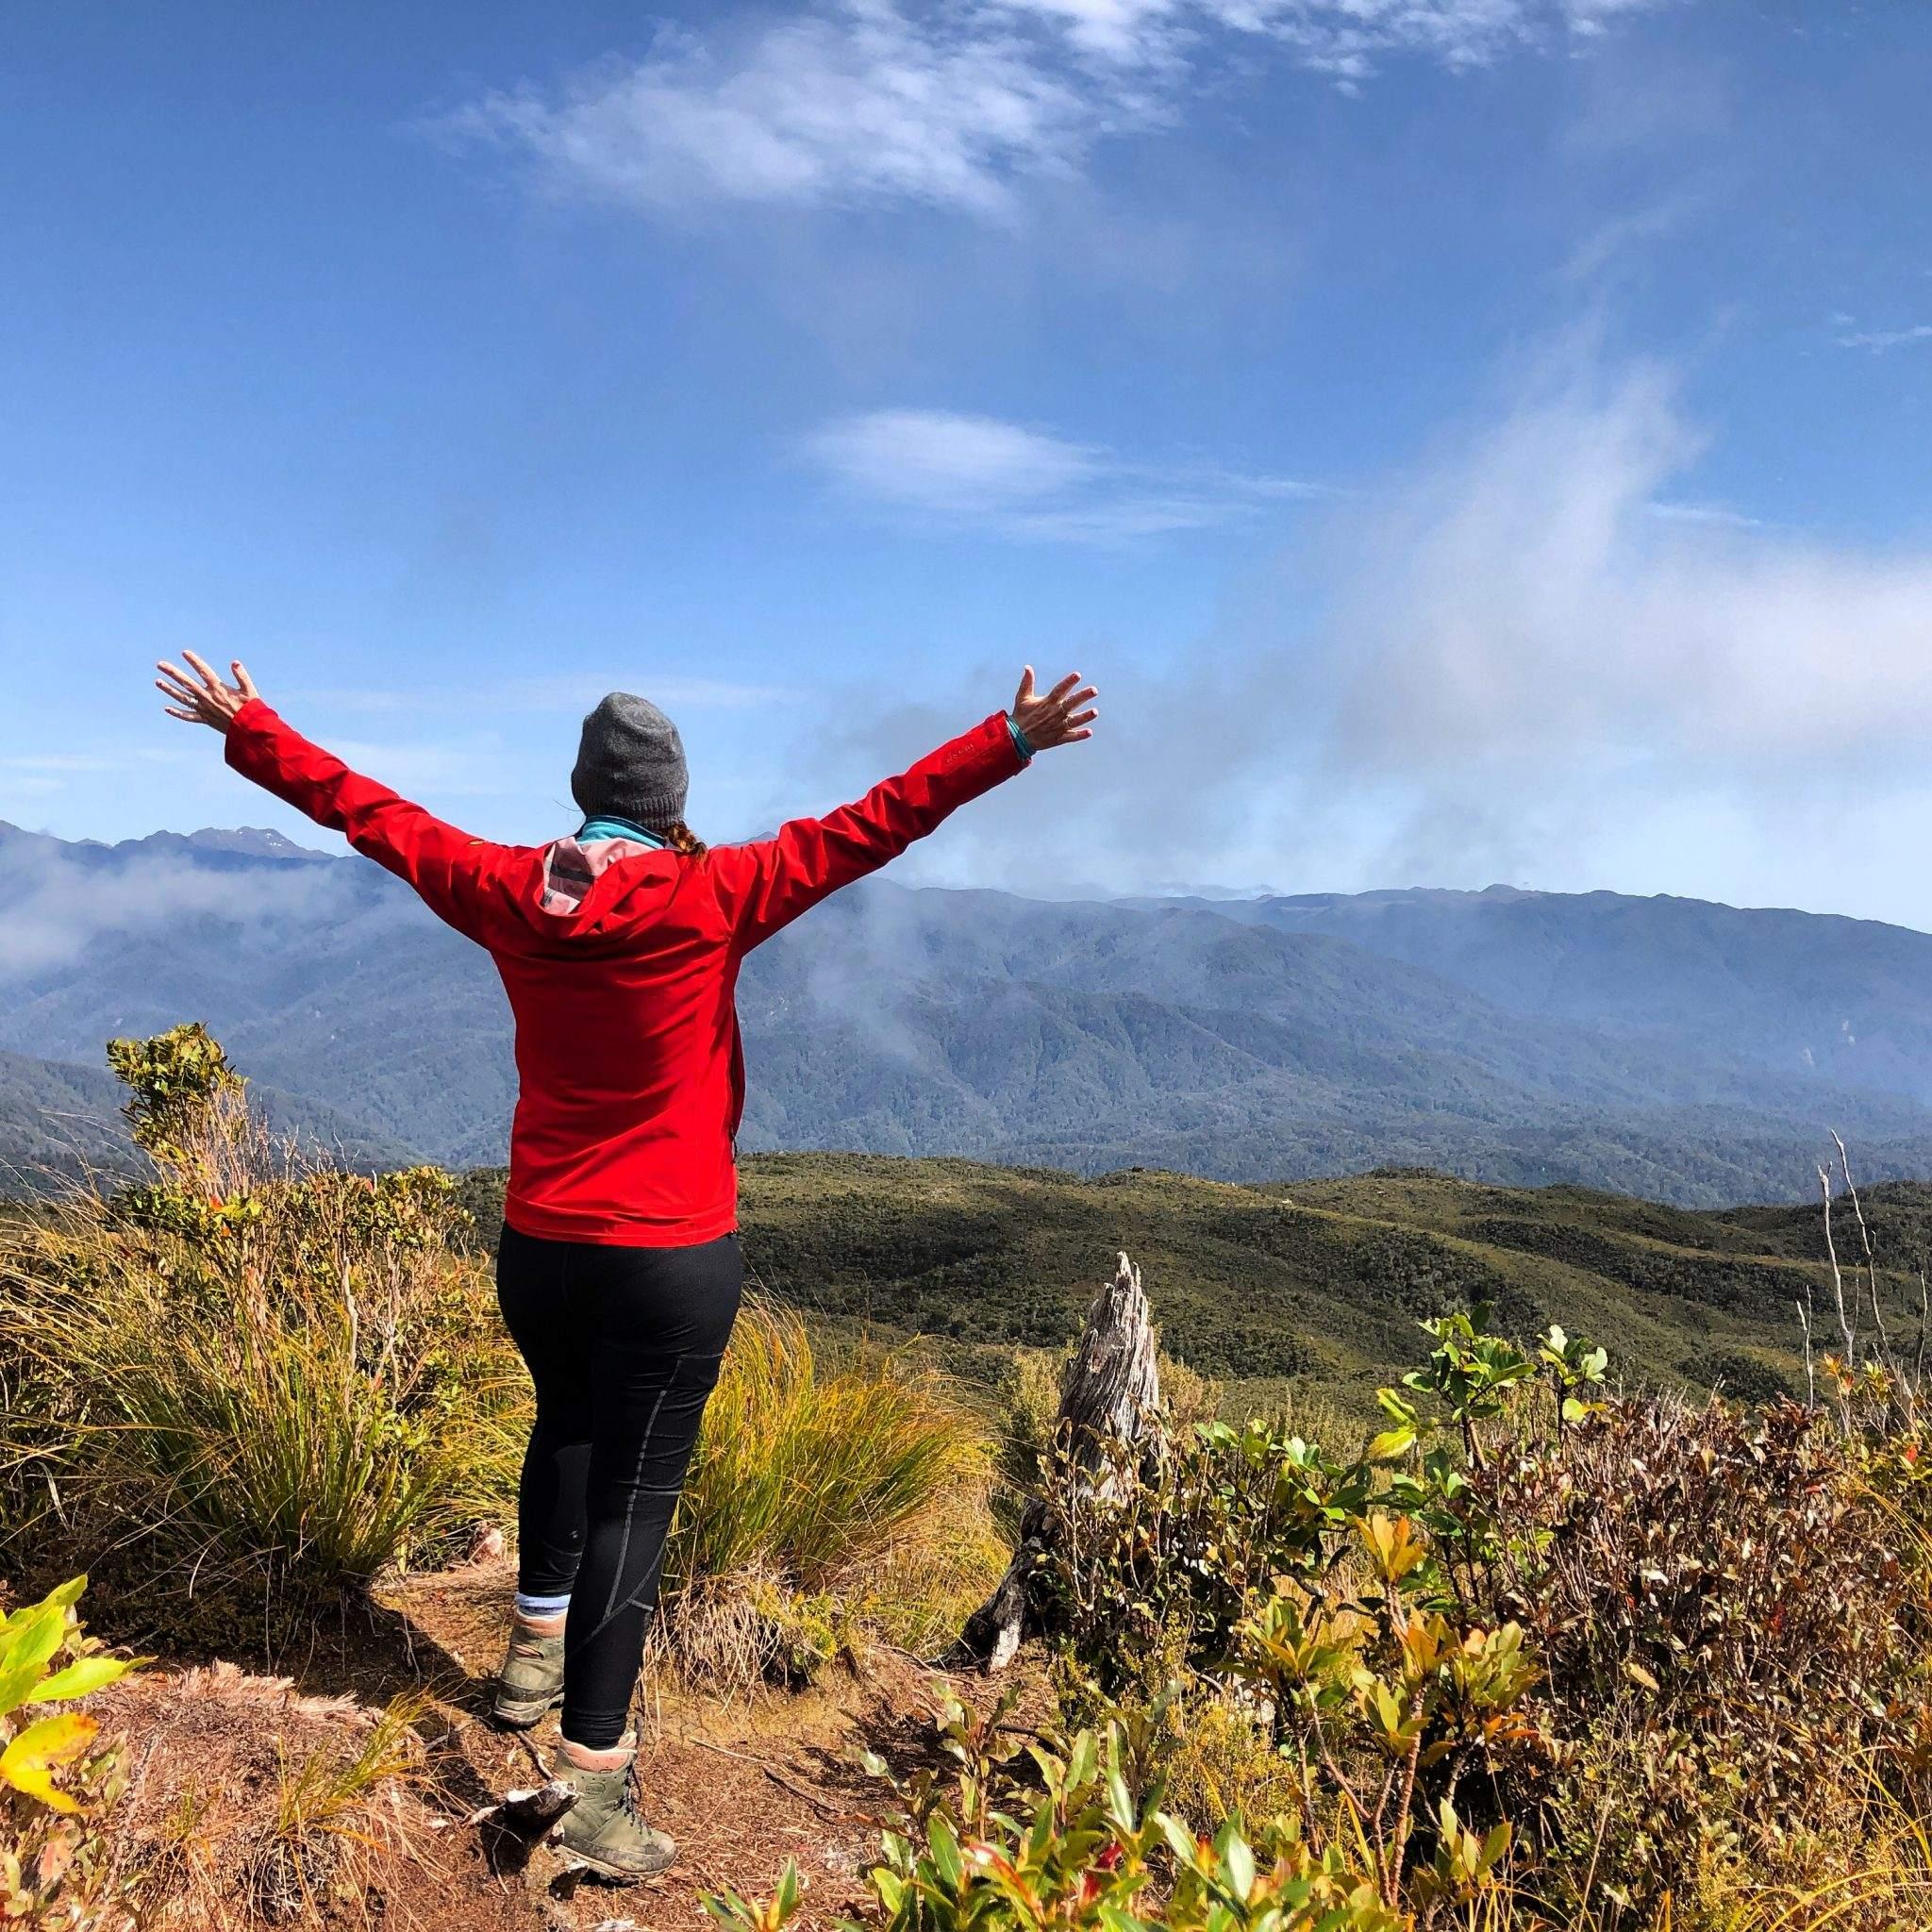 Mount Otepe